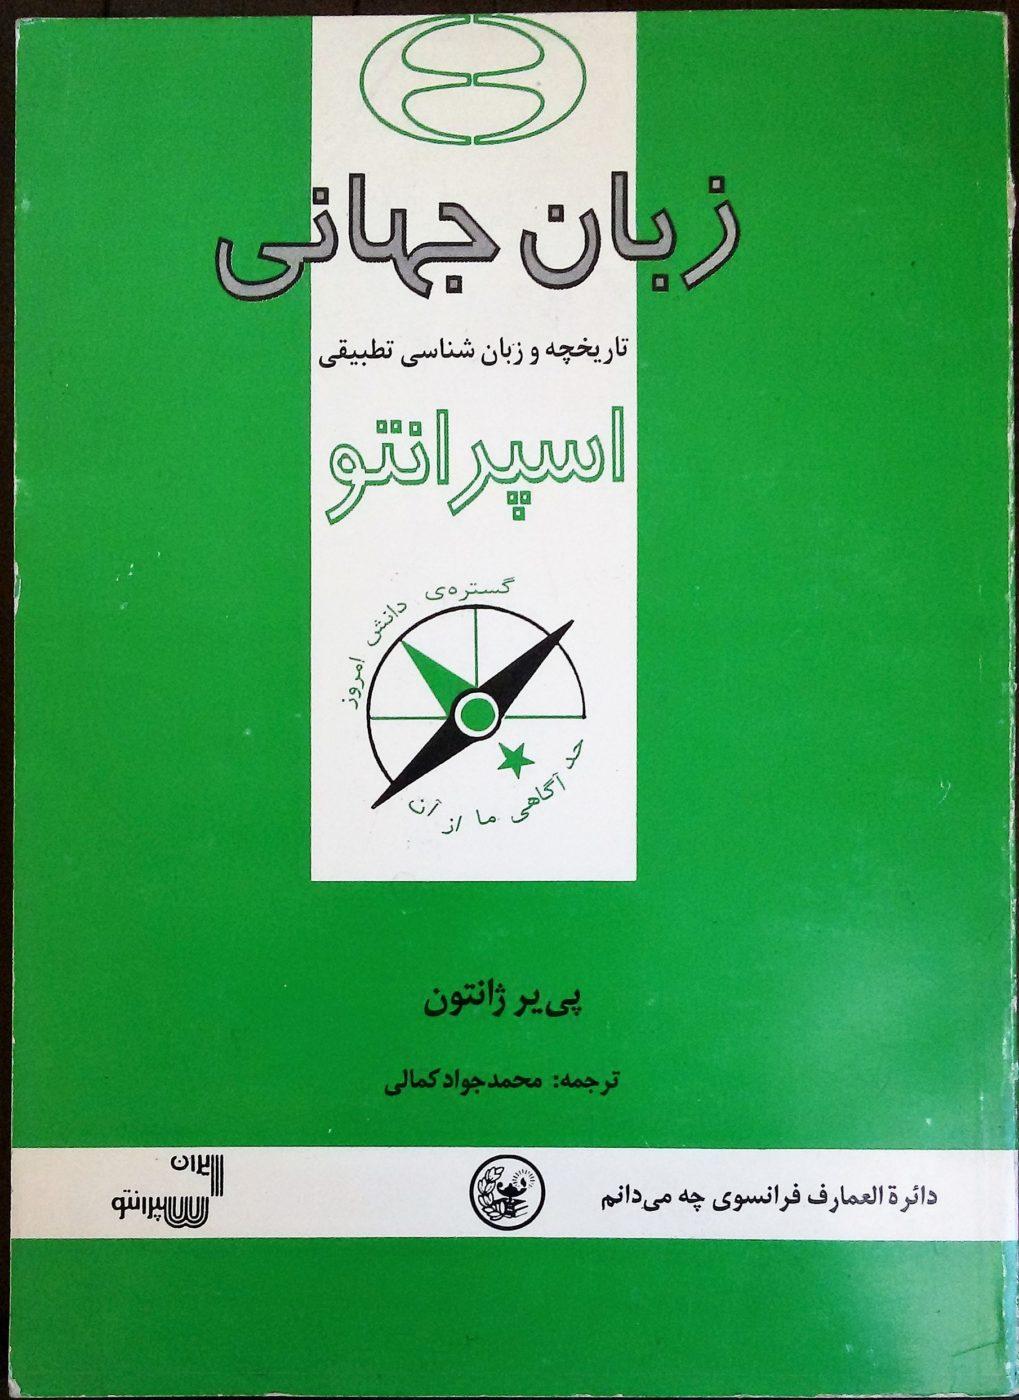 کتاب زبان جهانی اسپرانتو (تاریخچه و زبانشناسی تطبیقی)